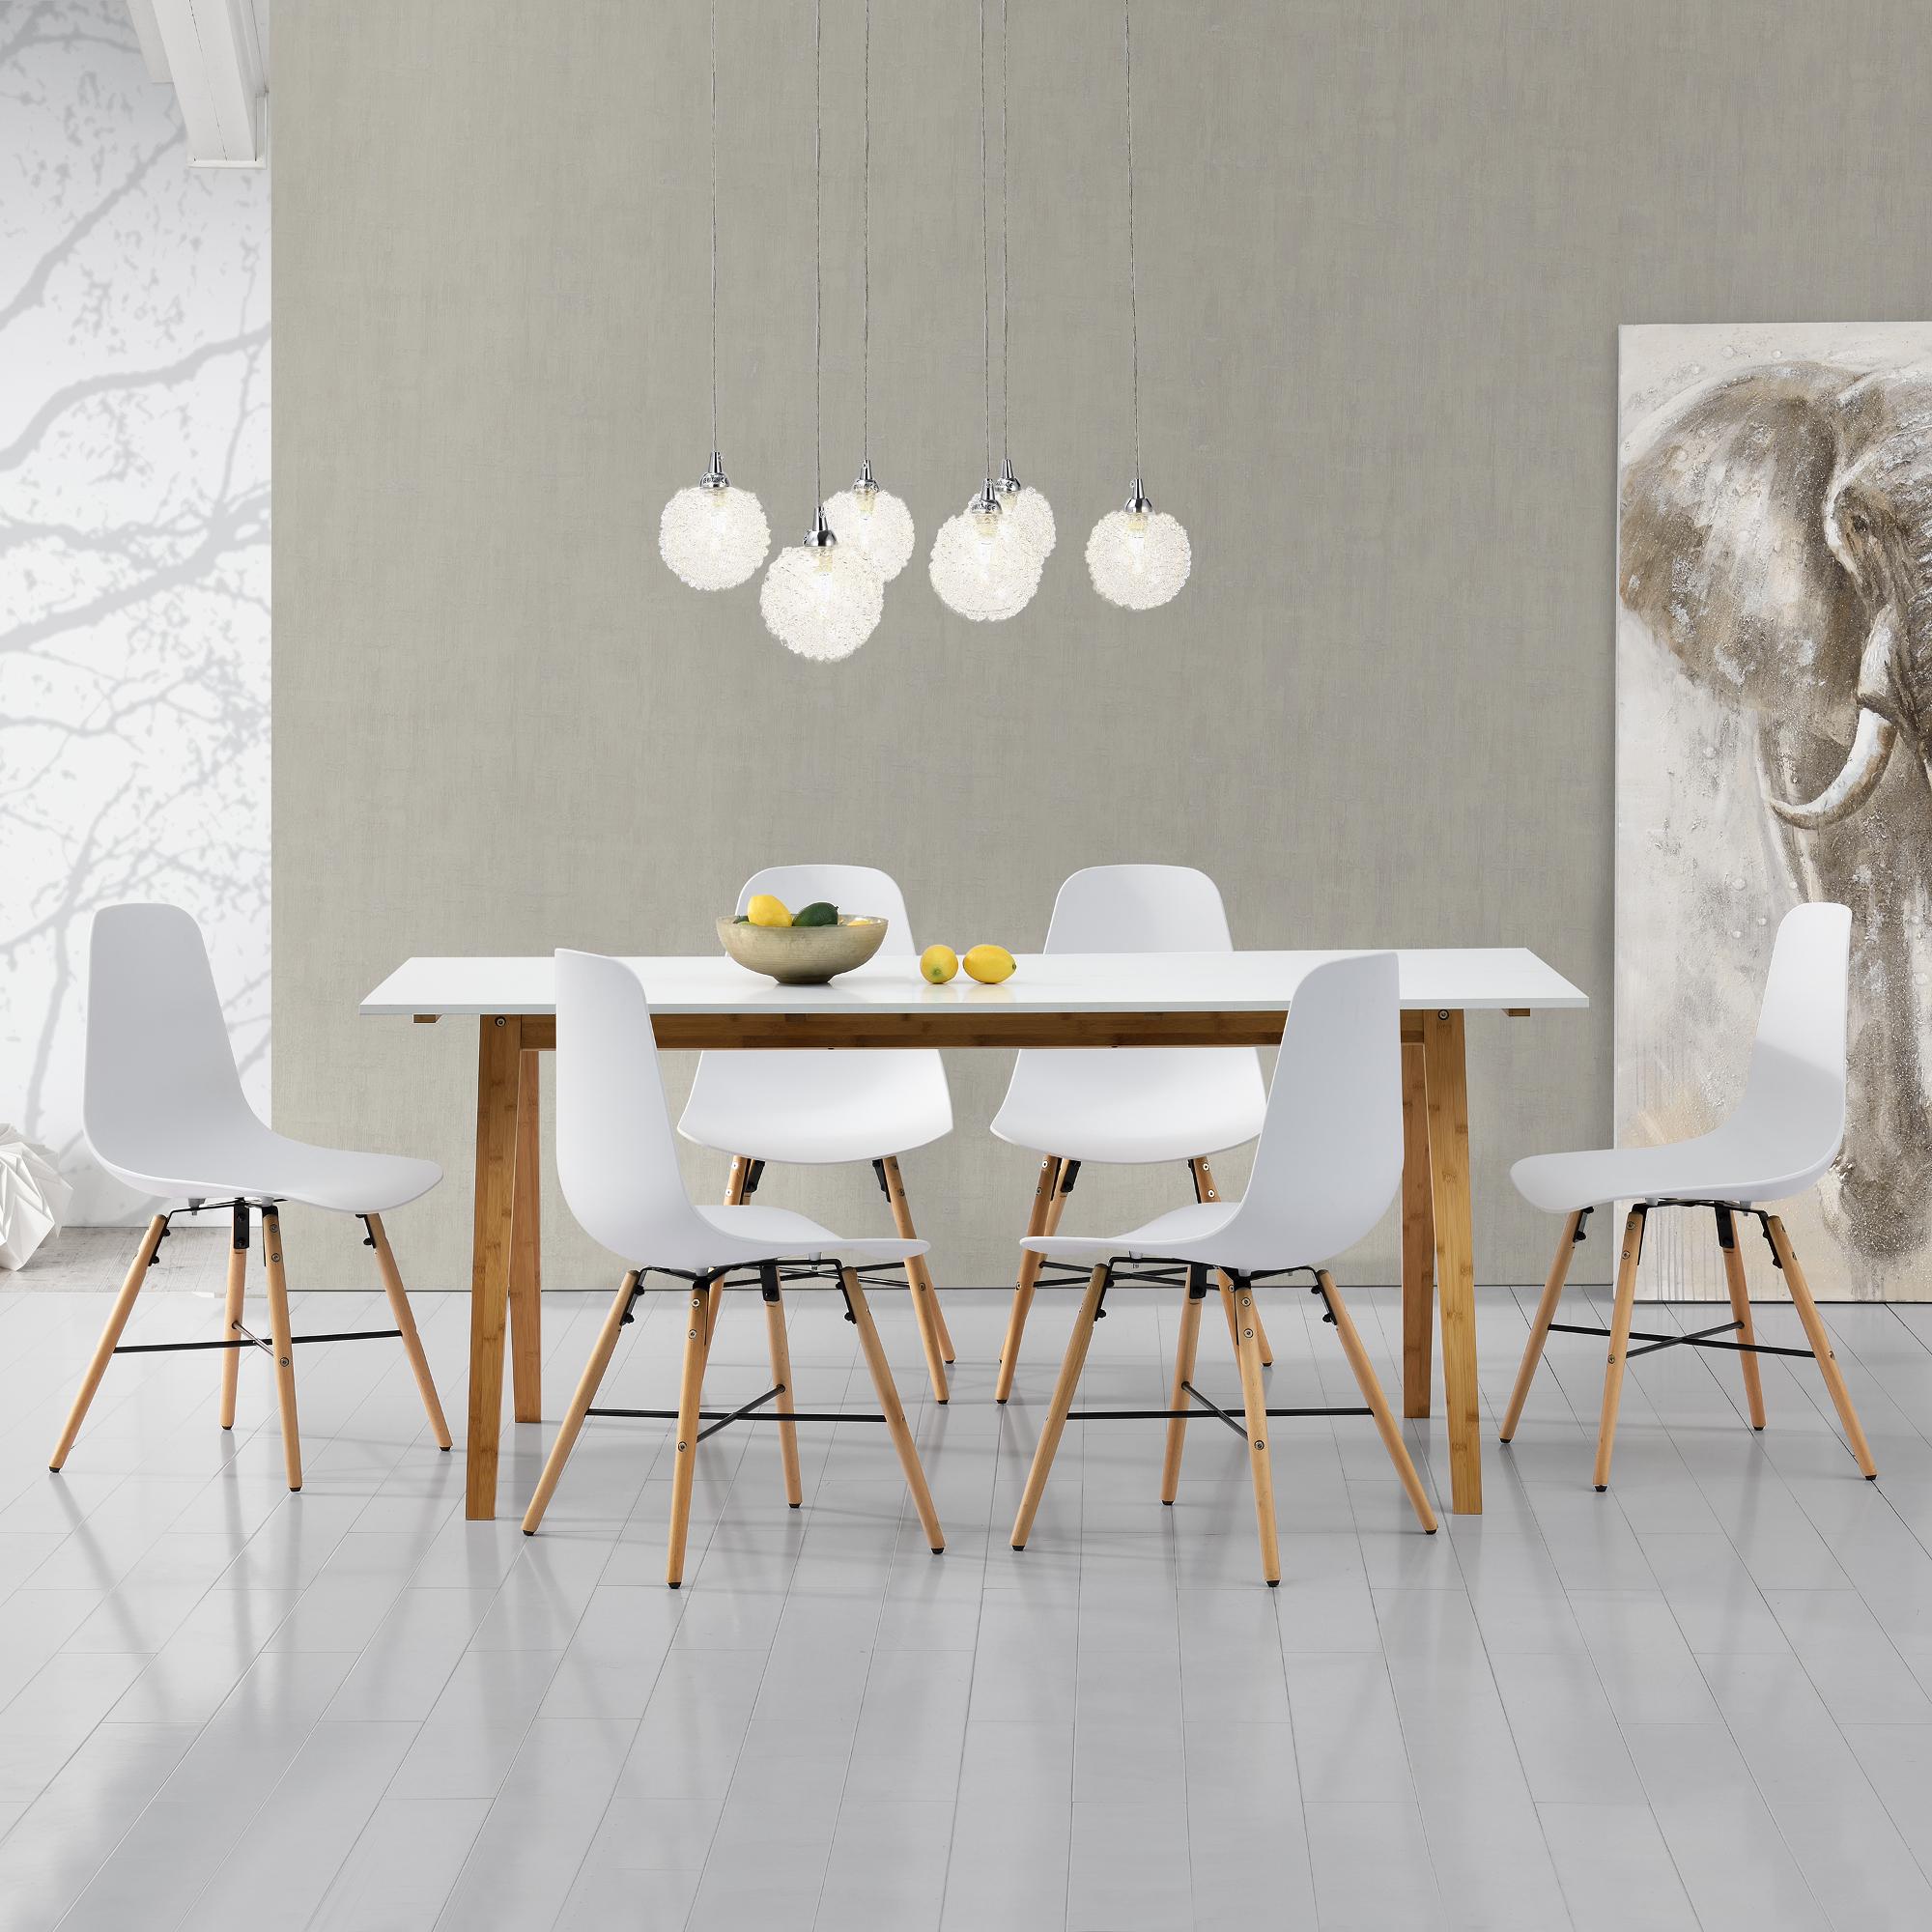 esstisch wei mit 6 st hlen wei 180x80 k chentisch esszimmertisch ebay. Black Bedroom Furniture Sets. Home Design Ideas